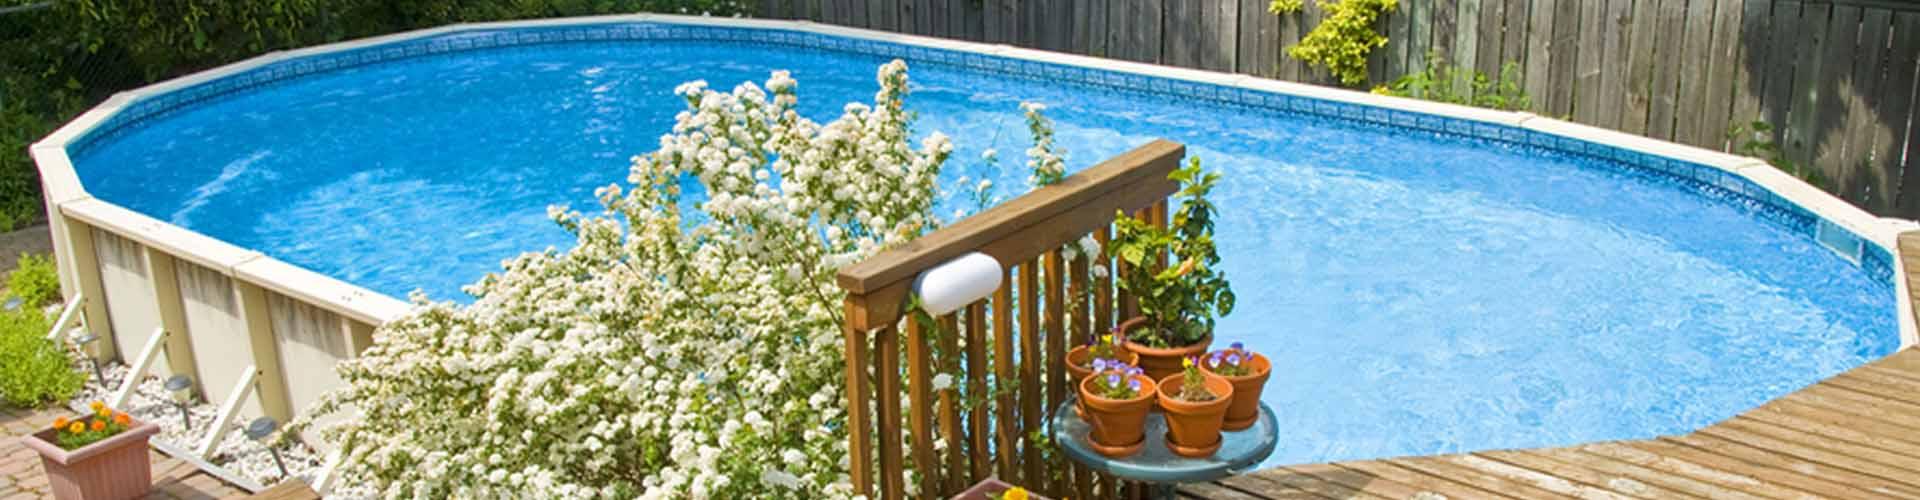 Aufstellpool im Garten